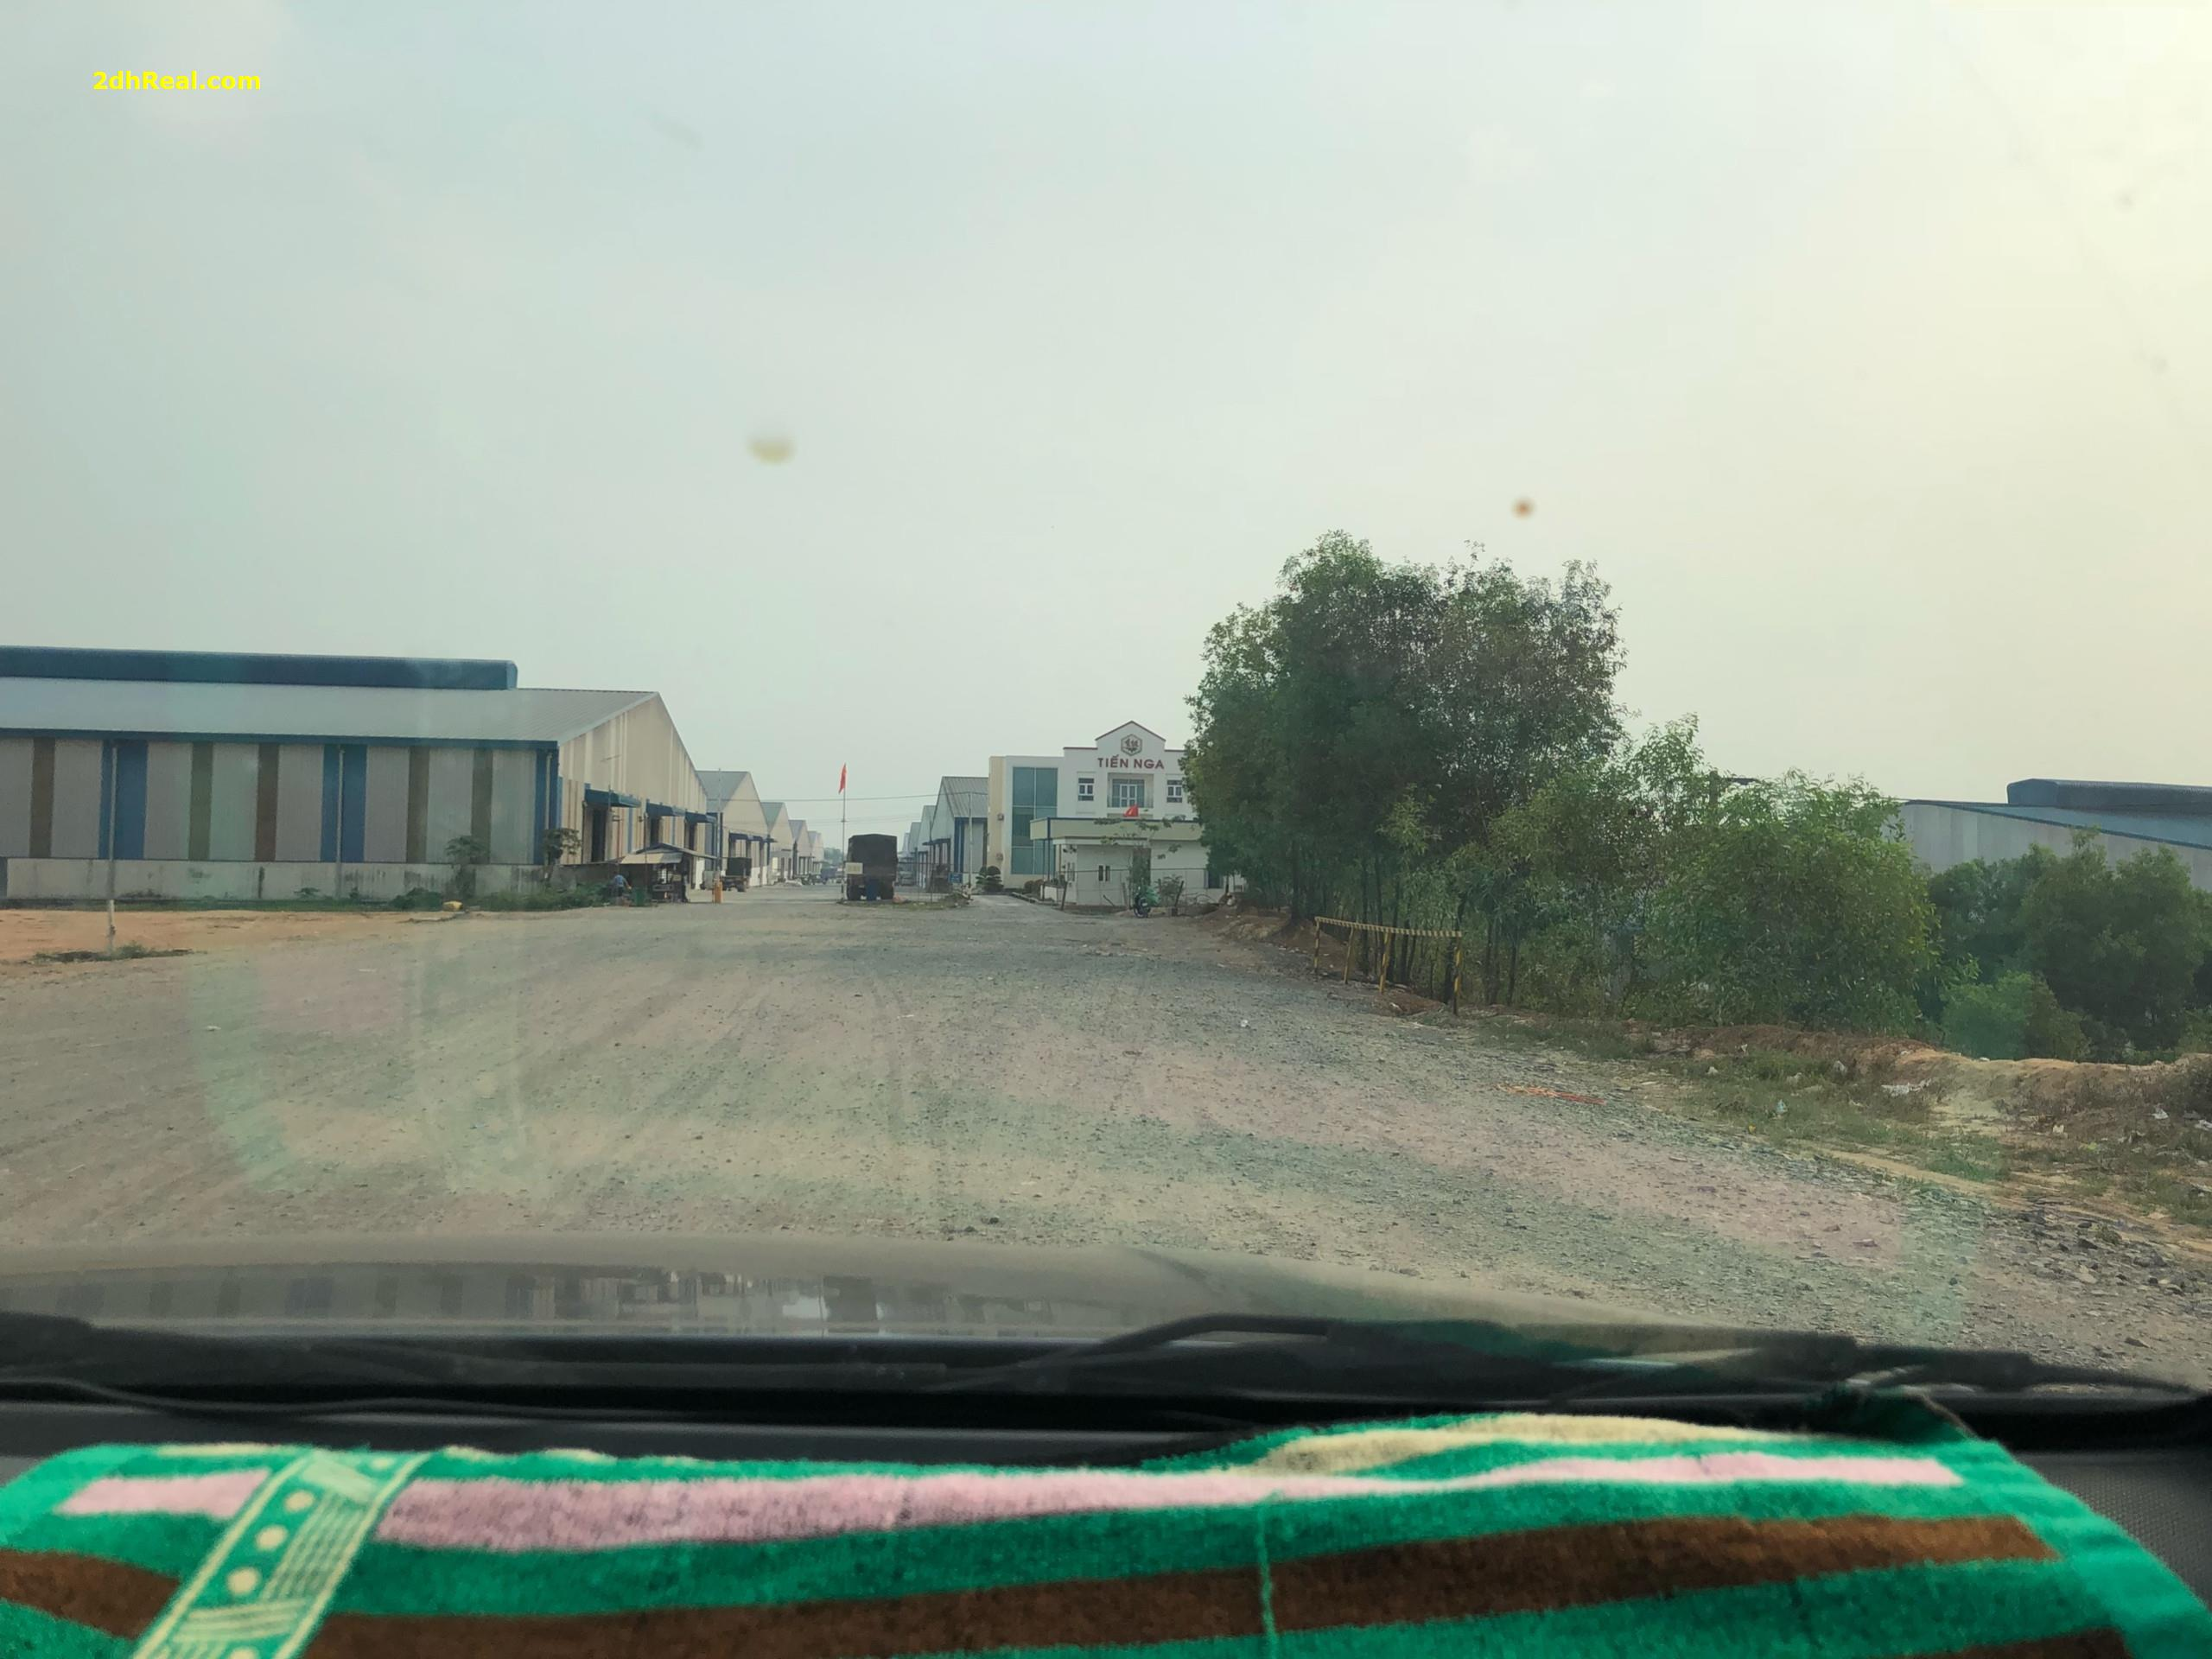 Cho thuê kho xưởng khu công nghiệp Biên Hòa, Đồng Nai, 20 hecta, giá 2usd/m2